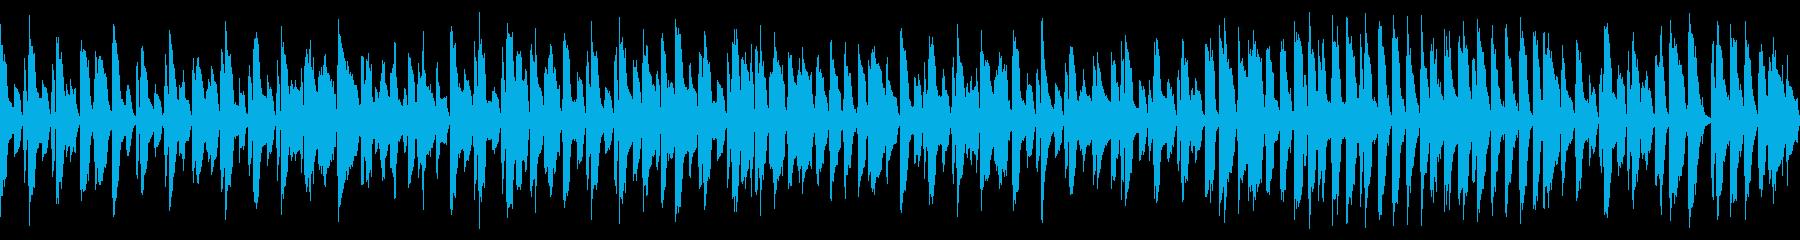 軽快で笑顔になるジャズピアノ名曲(ループの再生済みの波形